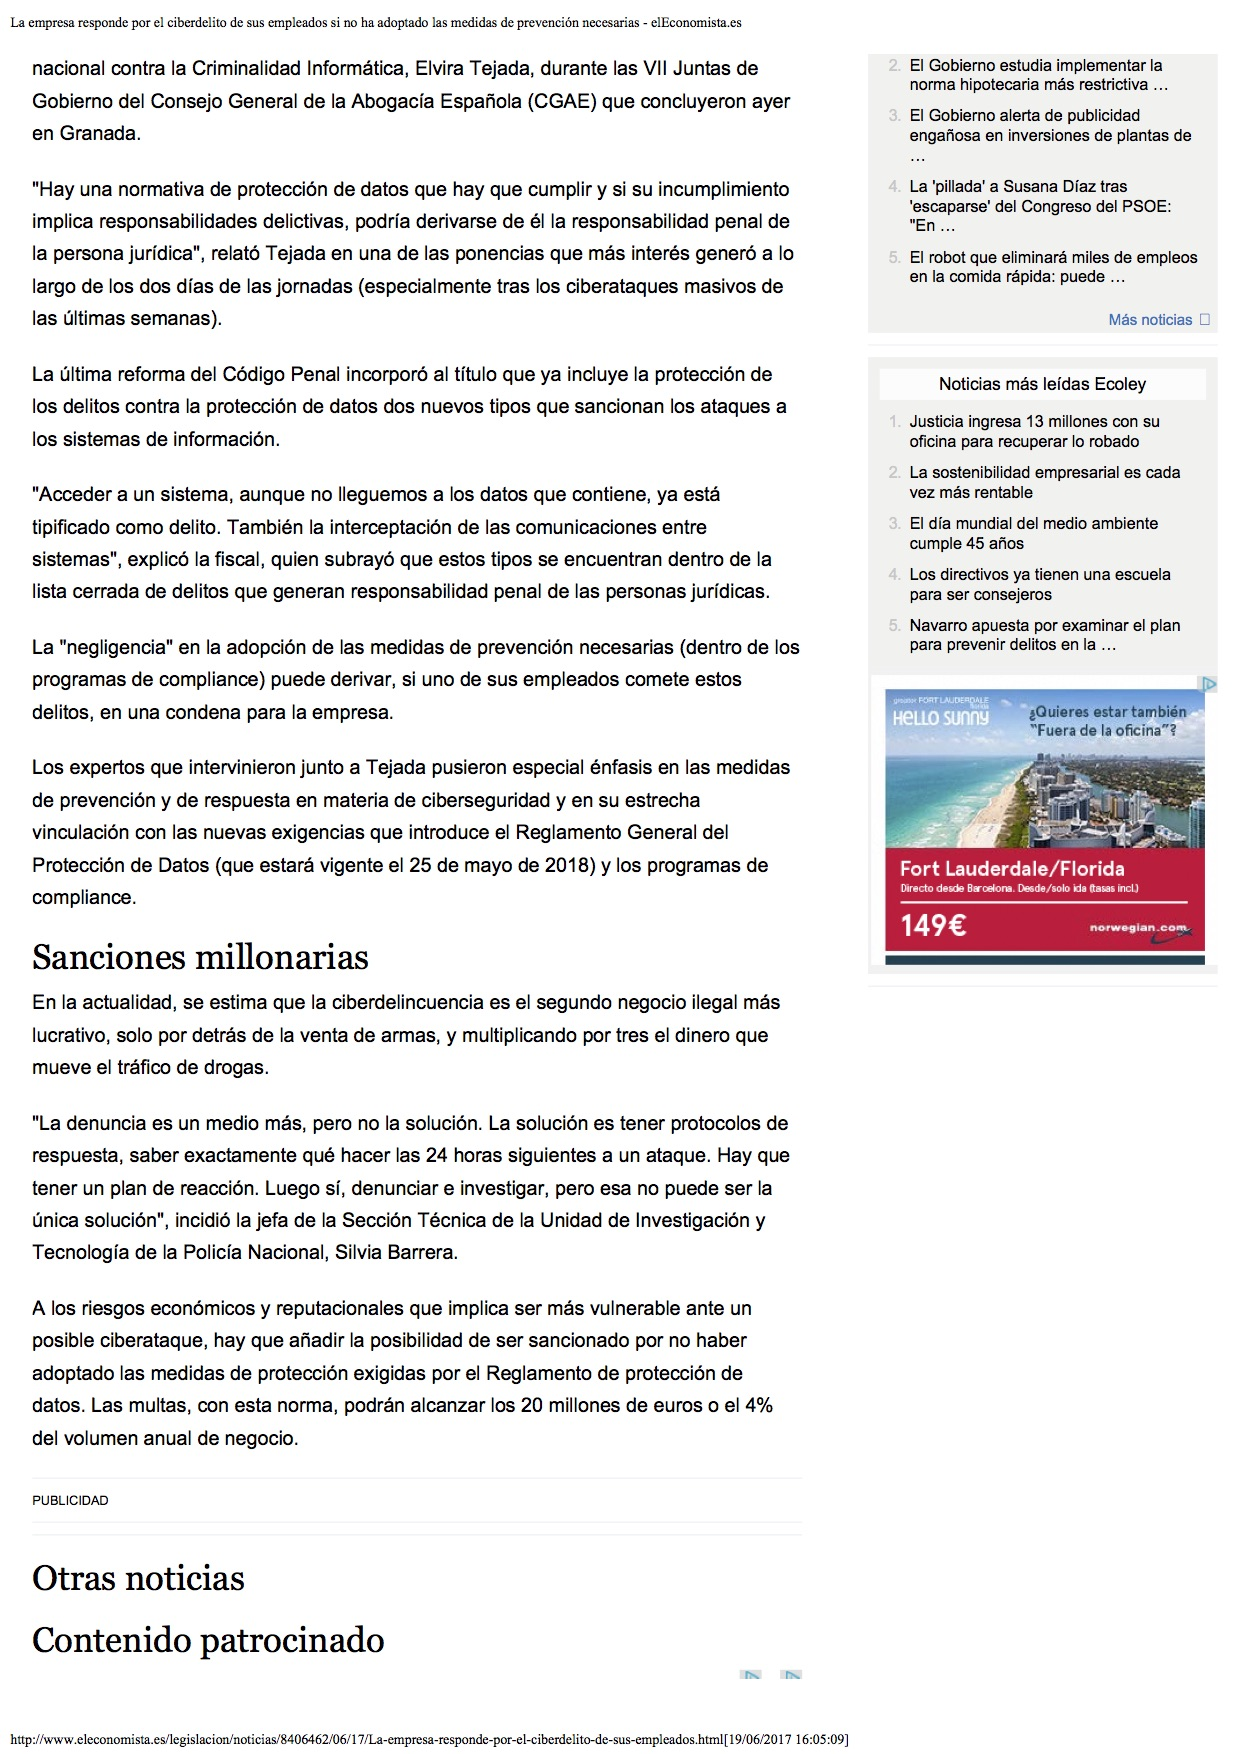 La empresa 2 responde por el ciberdelito de sus empleados si no ha adoptado las medidas de prevención necesarias - elEconomista.es-2_1339